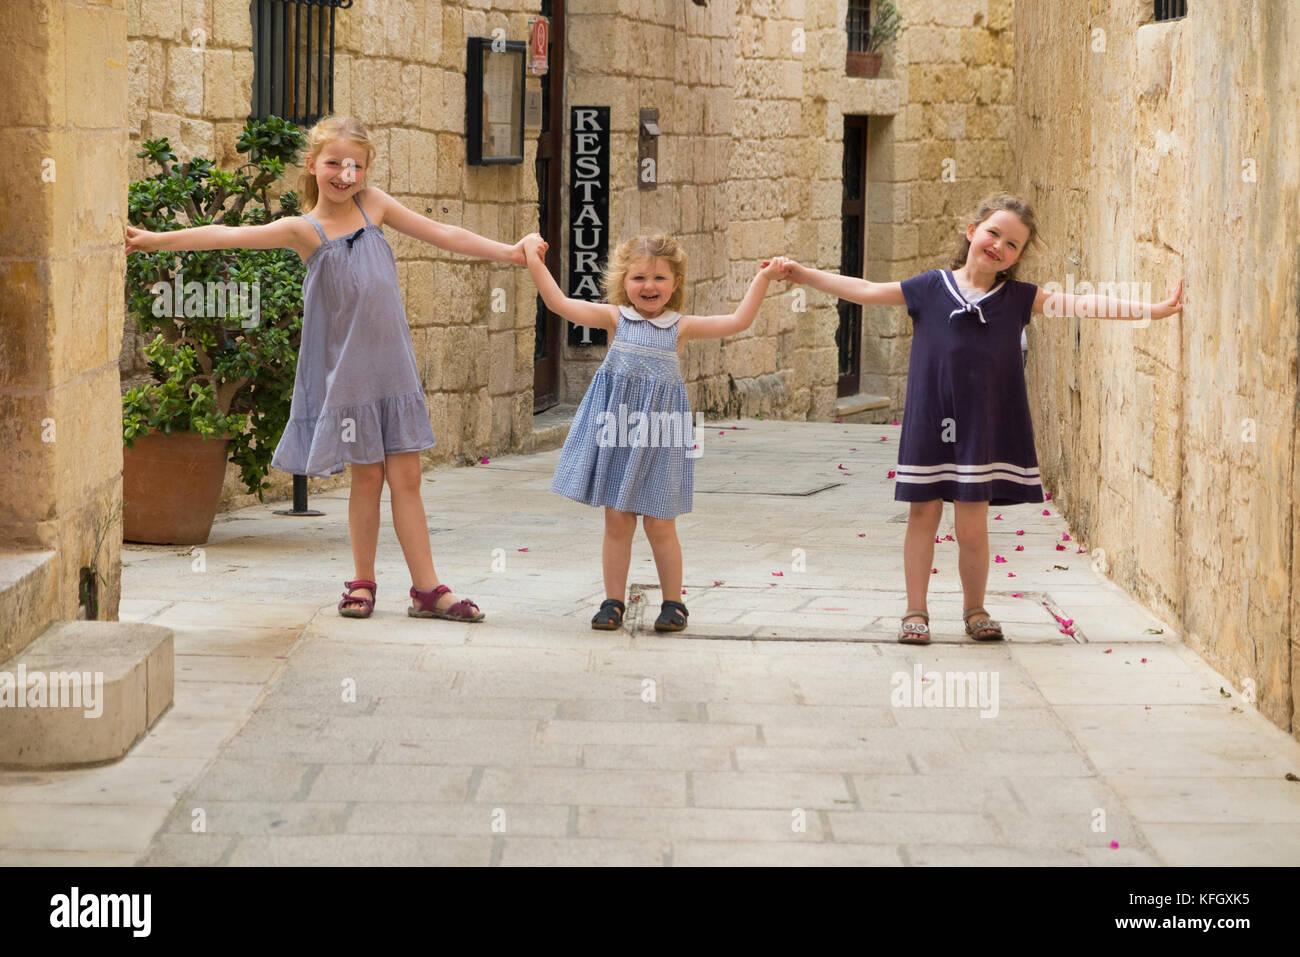 Drei junge Schwestern/Mädchen/Kinder/Kinder/Kind 7, 3, & 5 Jahre, für einen Familienurlaub, laufen Stockbild